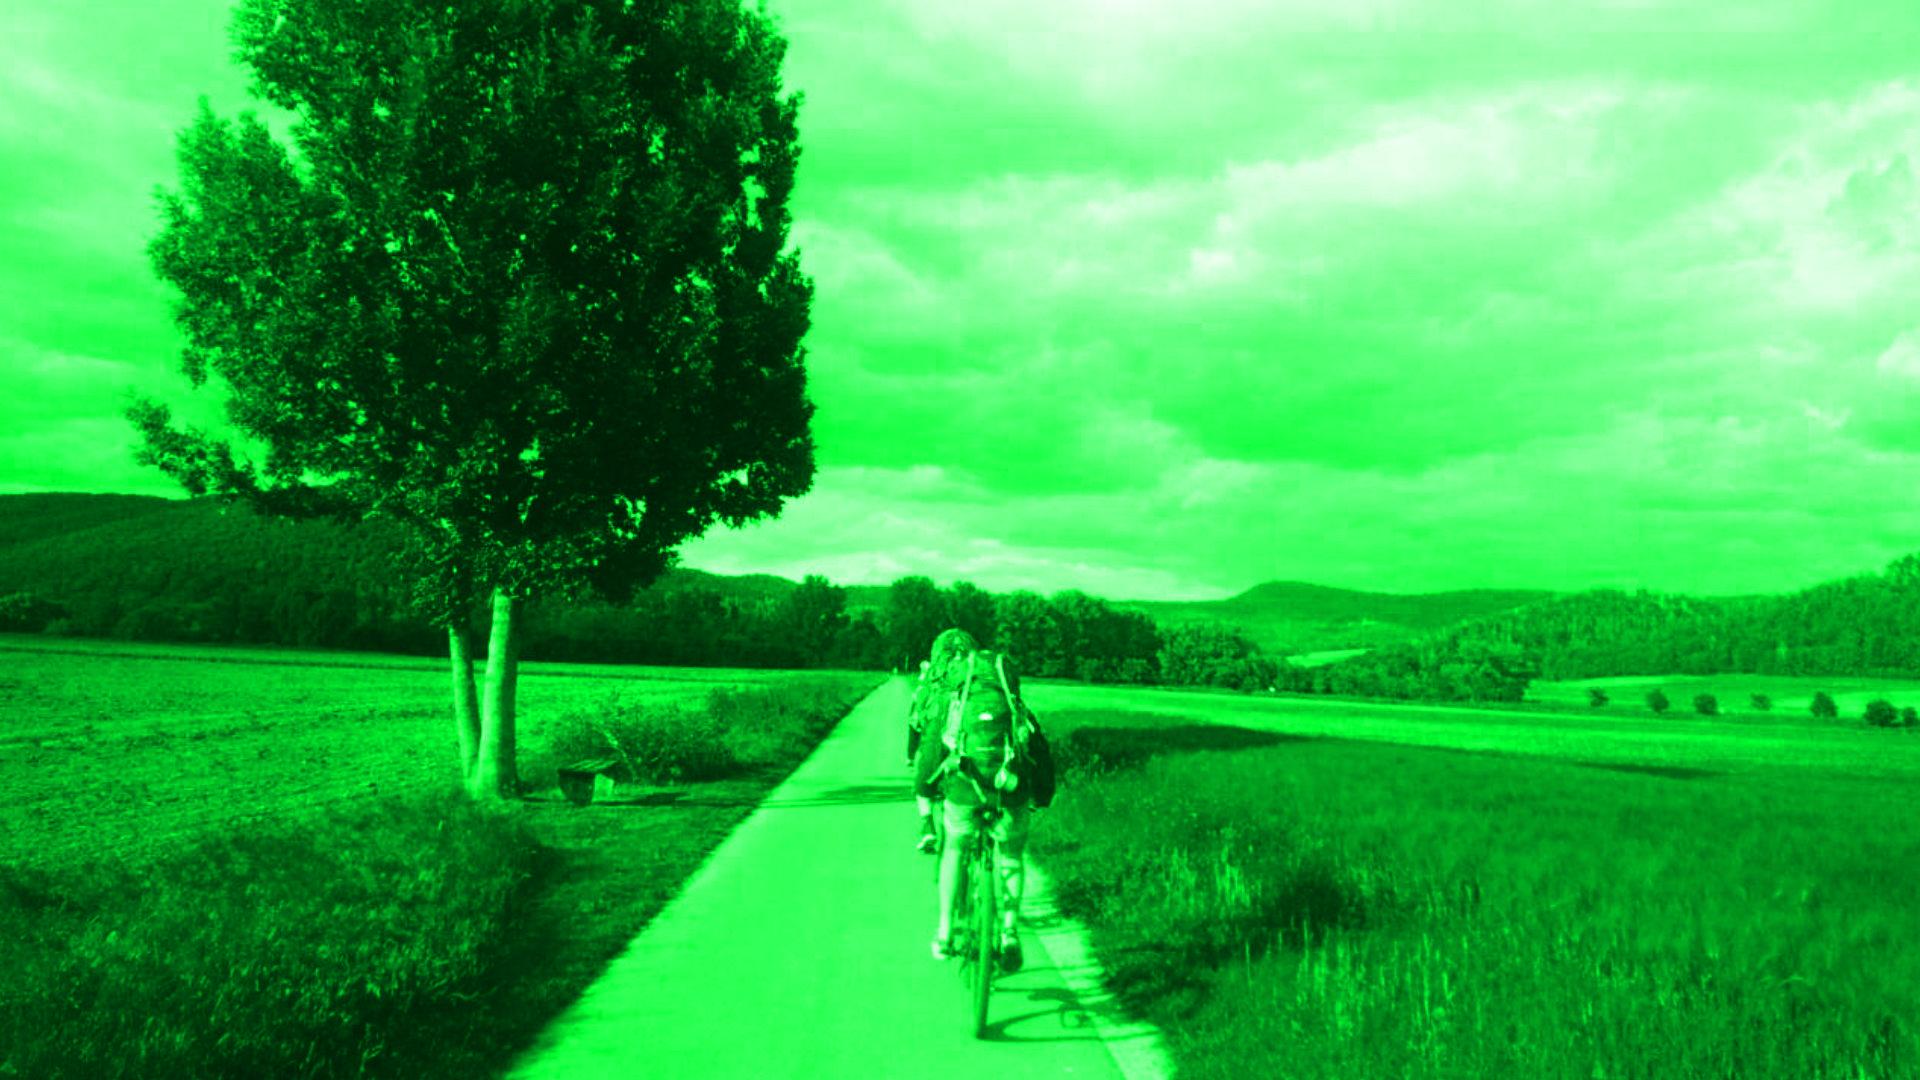 Von Erfurt nach Kassel – Reisebericht einer Fahrradtour